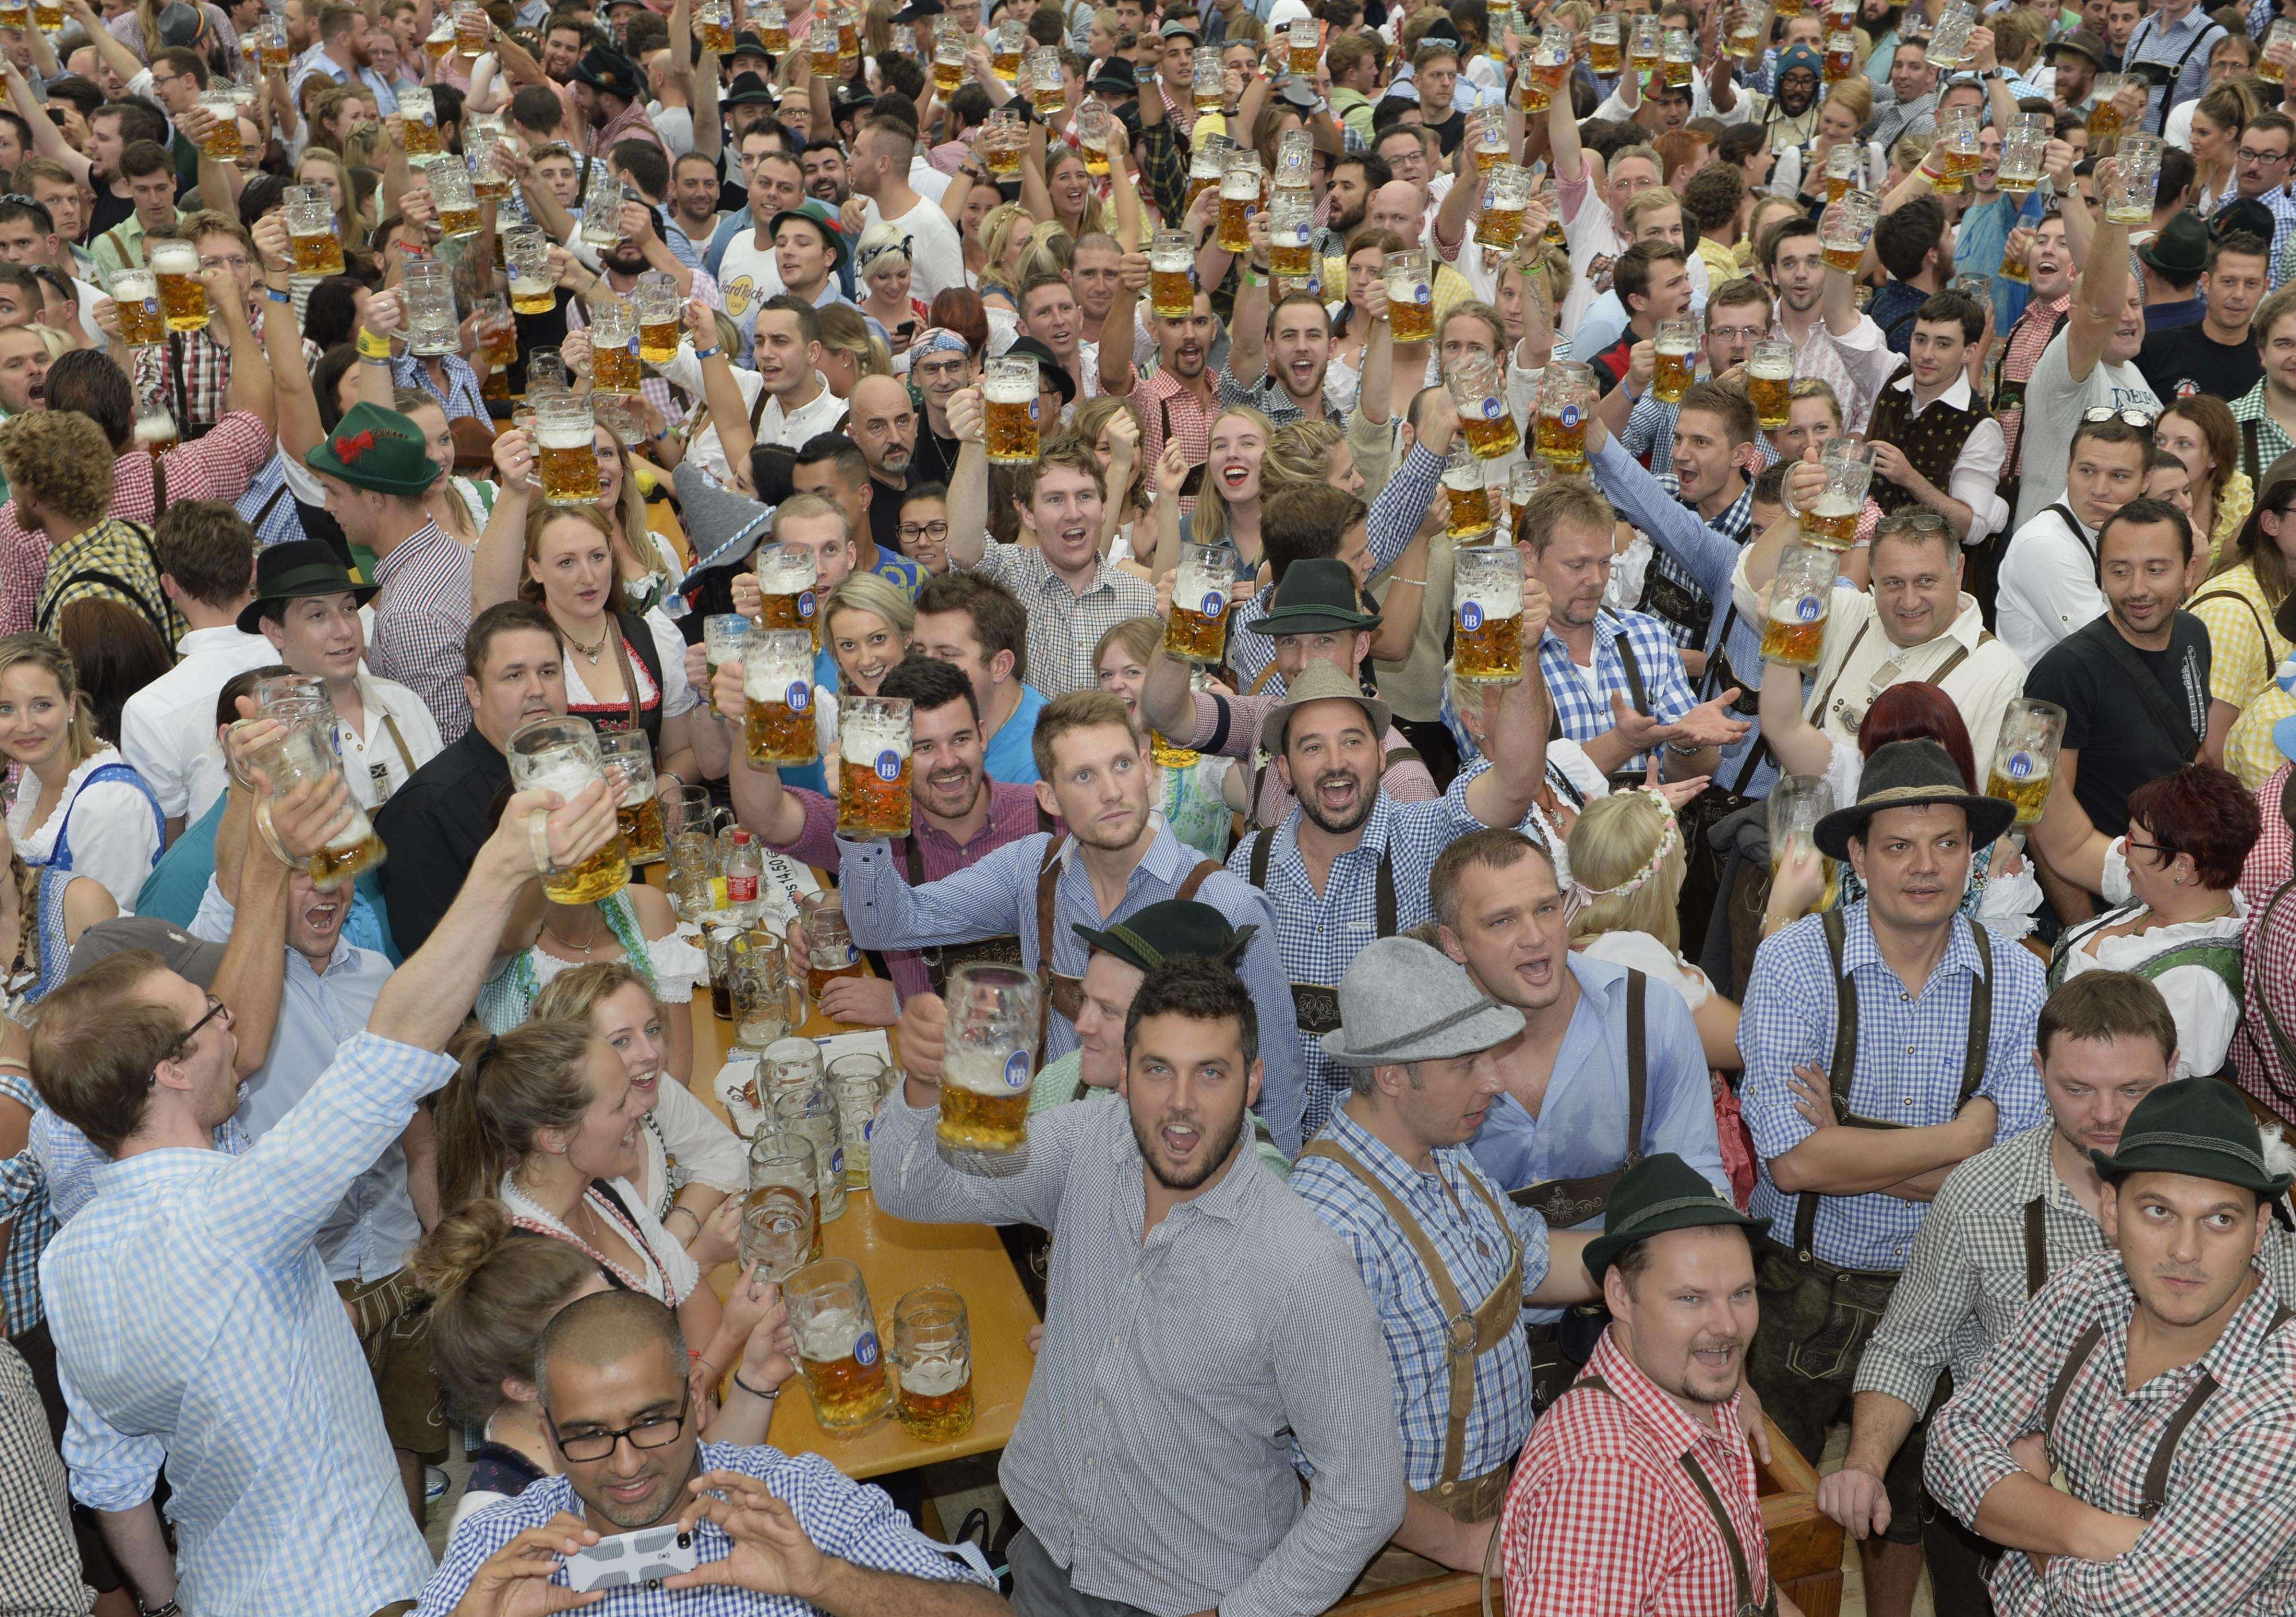 A caneca Mass, com um litro de cerveja custará a partir deste ano 10,10 euros (R$ 30,66) Foto: Christof Stache /AFP